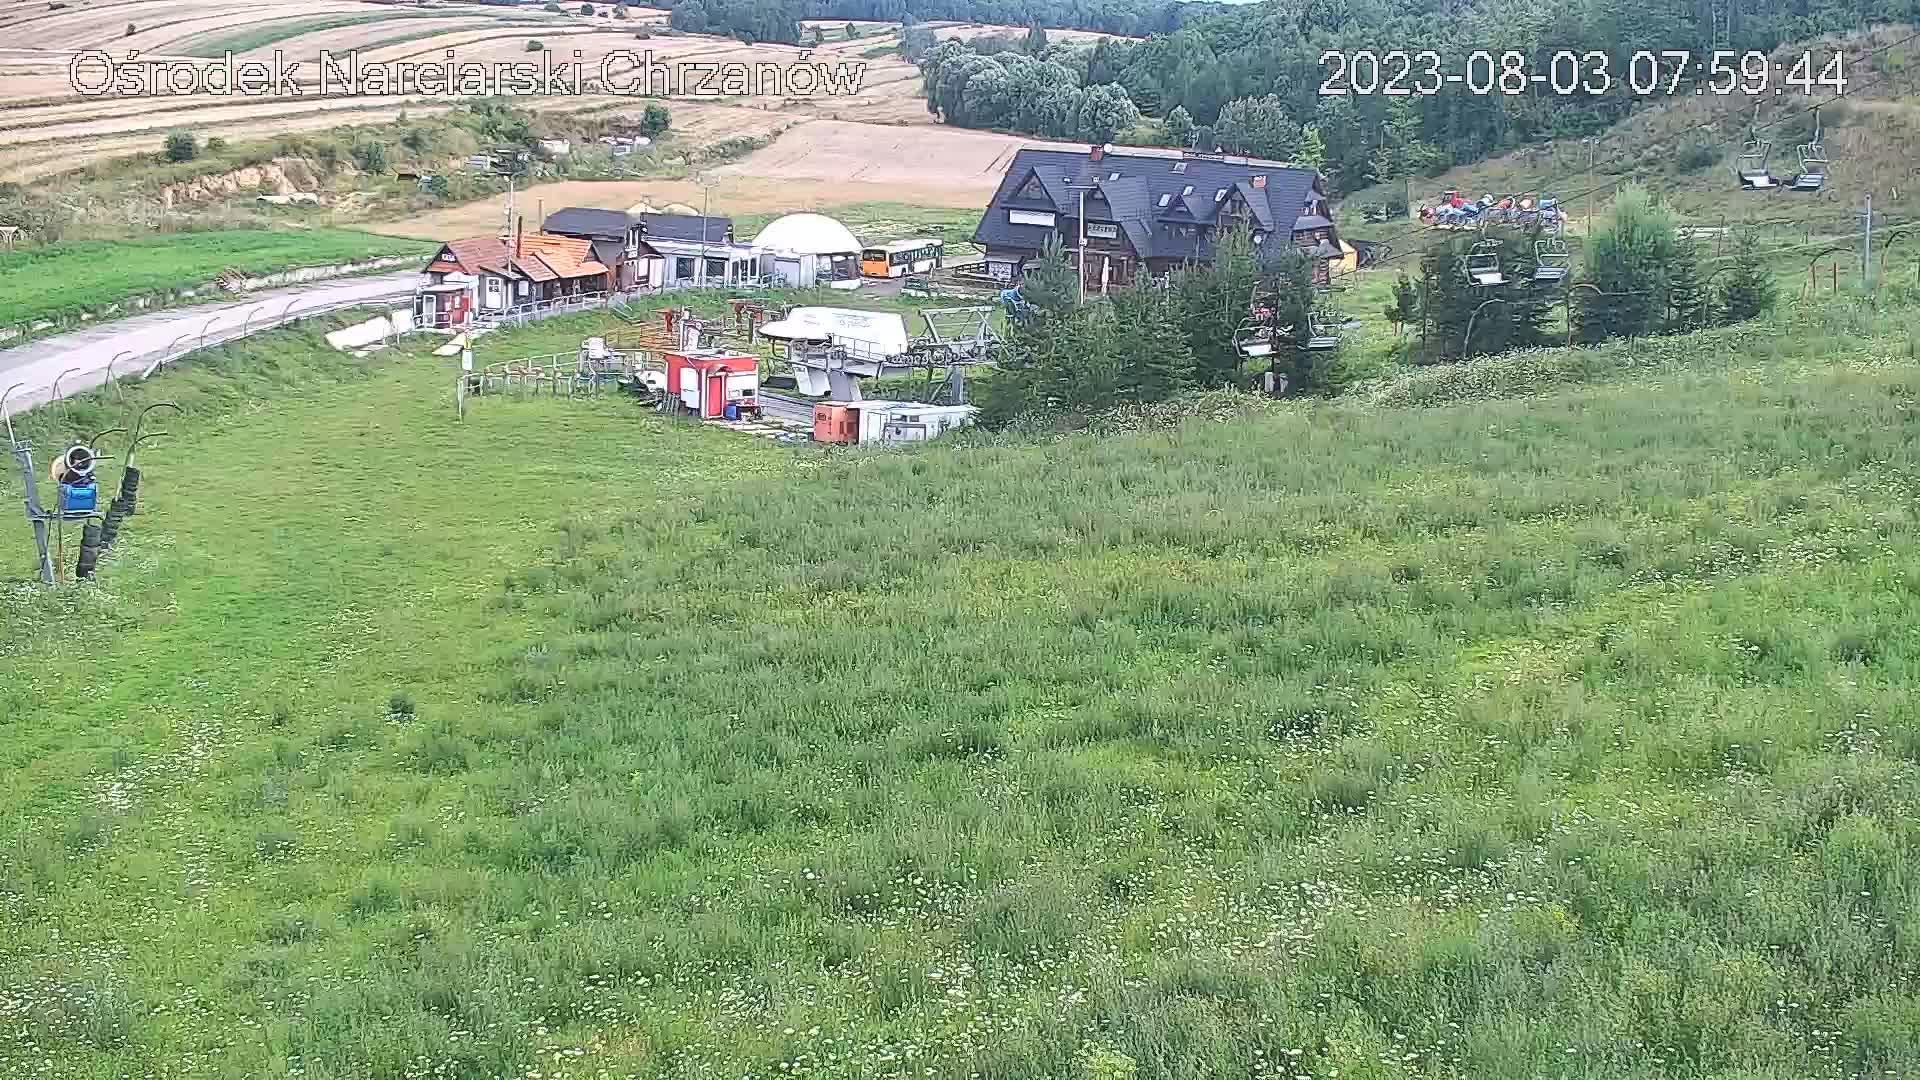 Webkamera Chrzanów: Ski slope view, Chrzanow (Lubusz Provinc